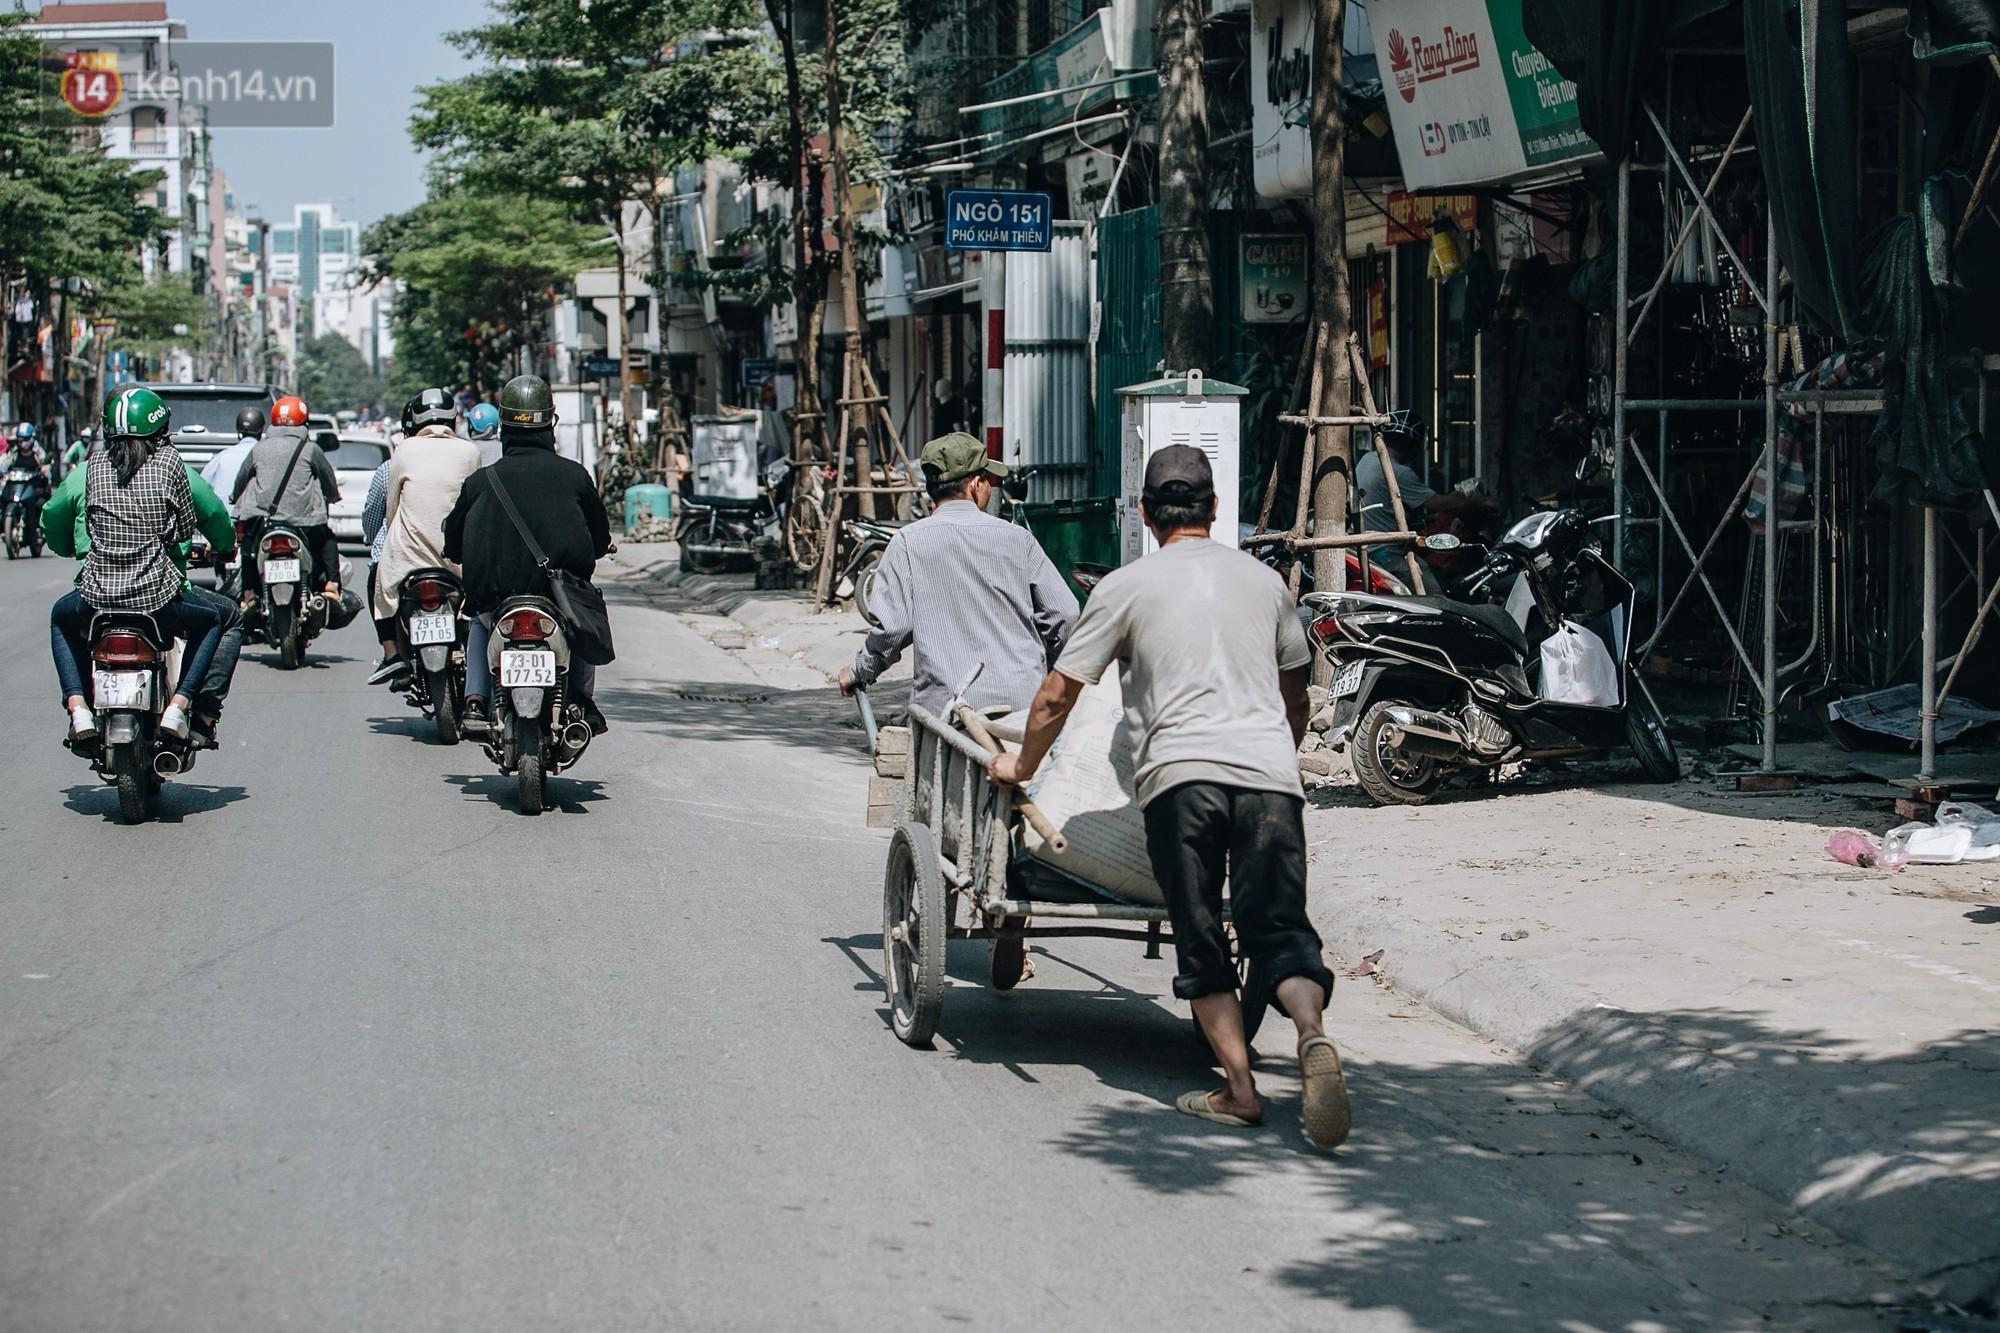 Người lao động ở Hà Nội vật vã chống chọi với nắng nóng trên 40 độ C, chỉ mong trời dịu mát phần nào - Ảnh 7.